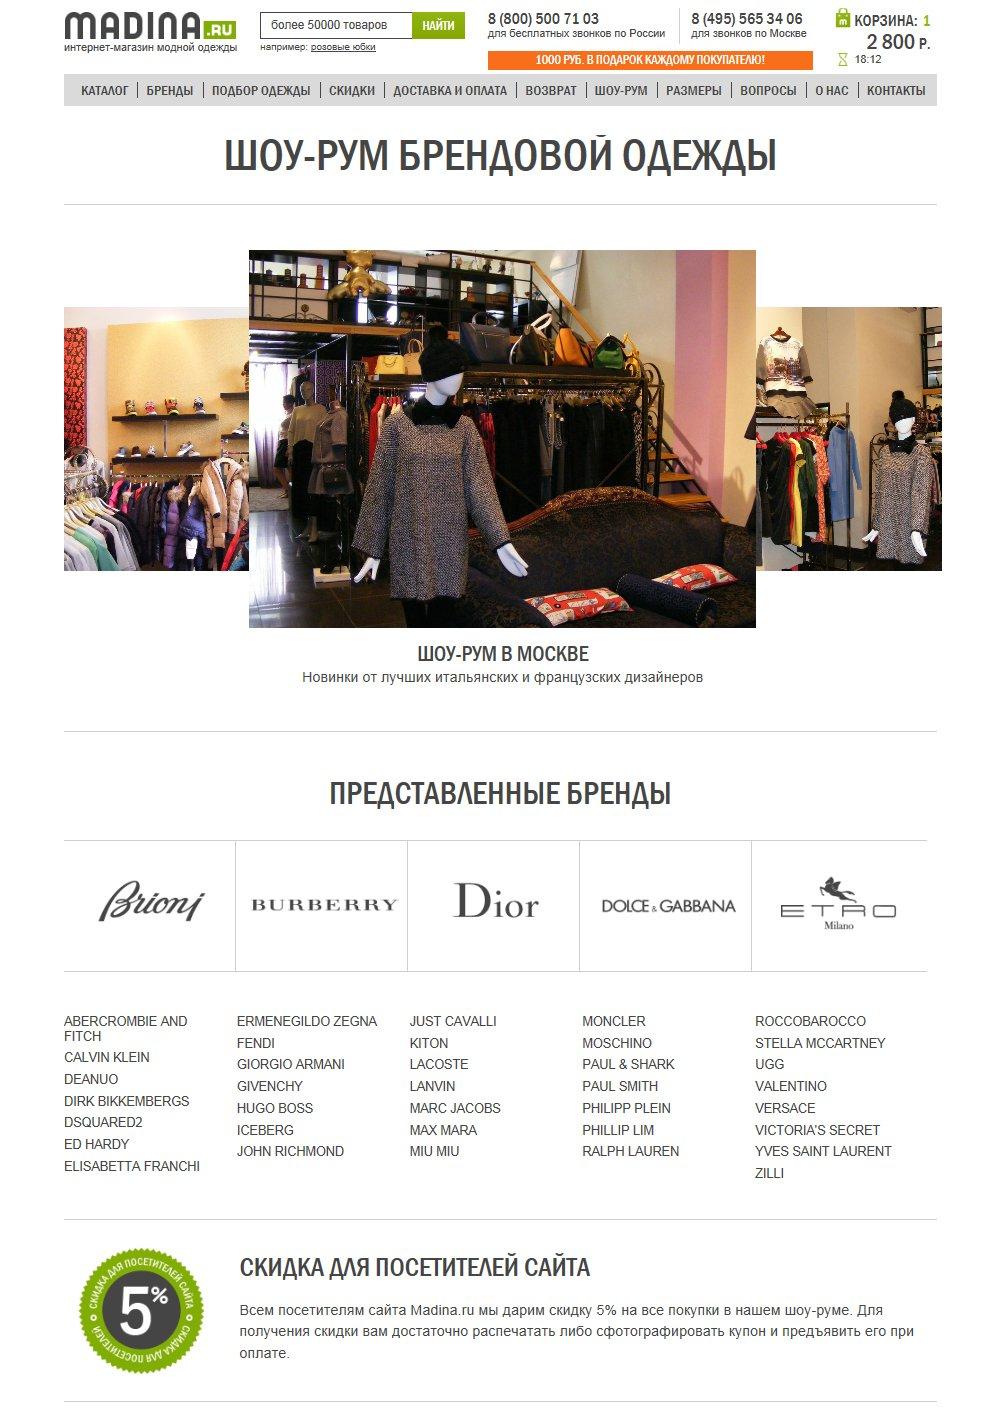 Страница шоу-рума в интернет-магазине модной одежды Madina.ru